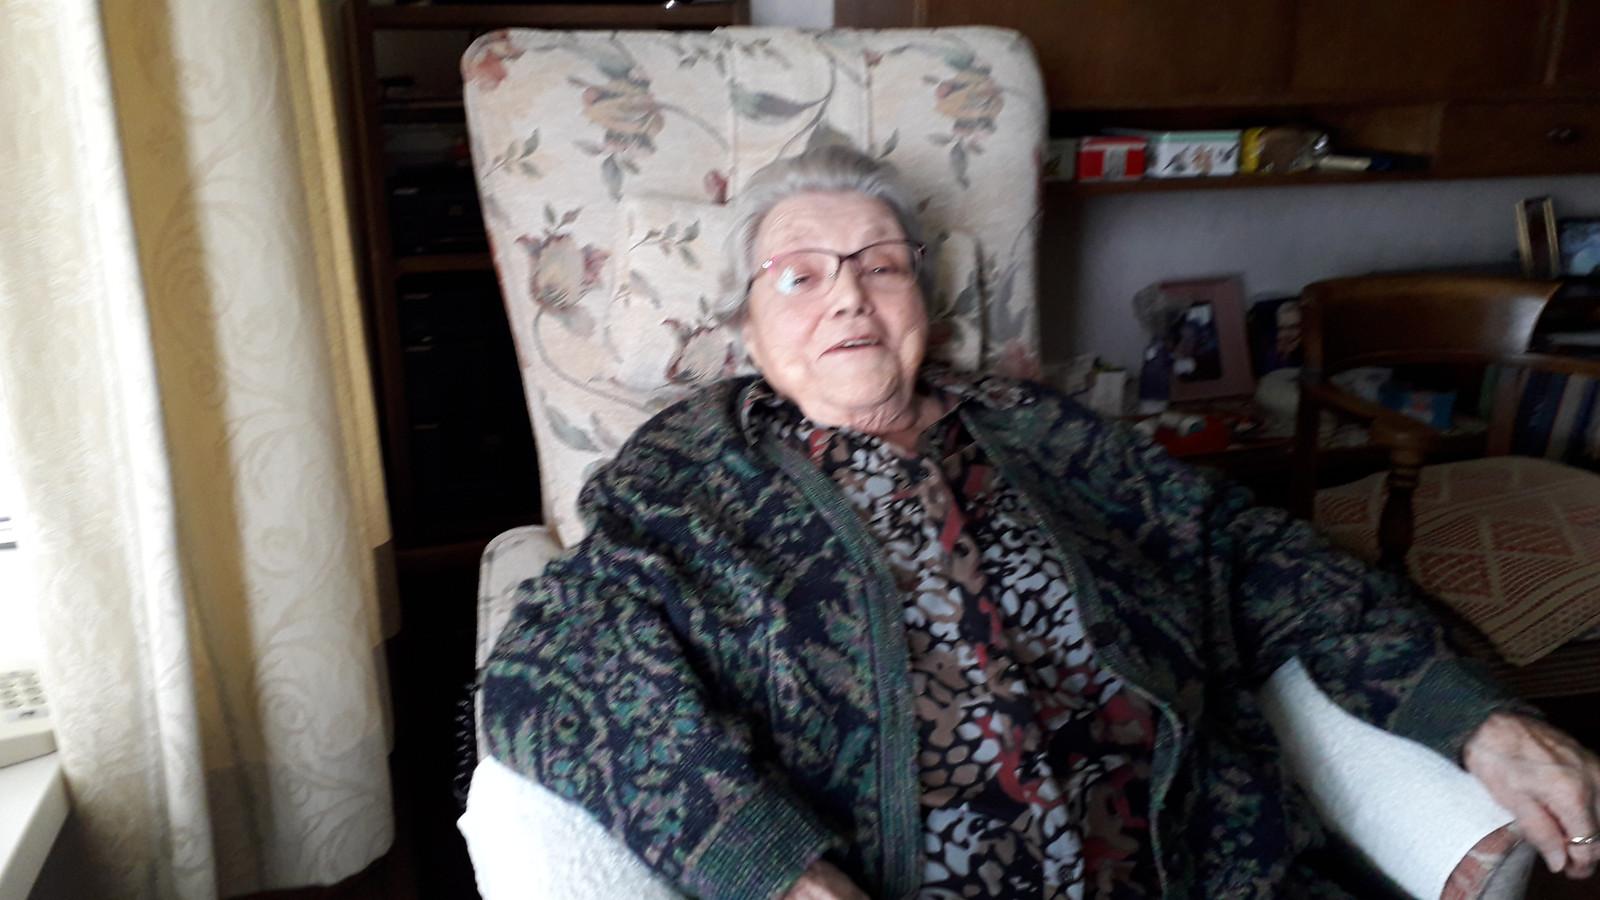 Ria van Dijk in haar stoel. 'Ik zit in de lappenmand'.